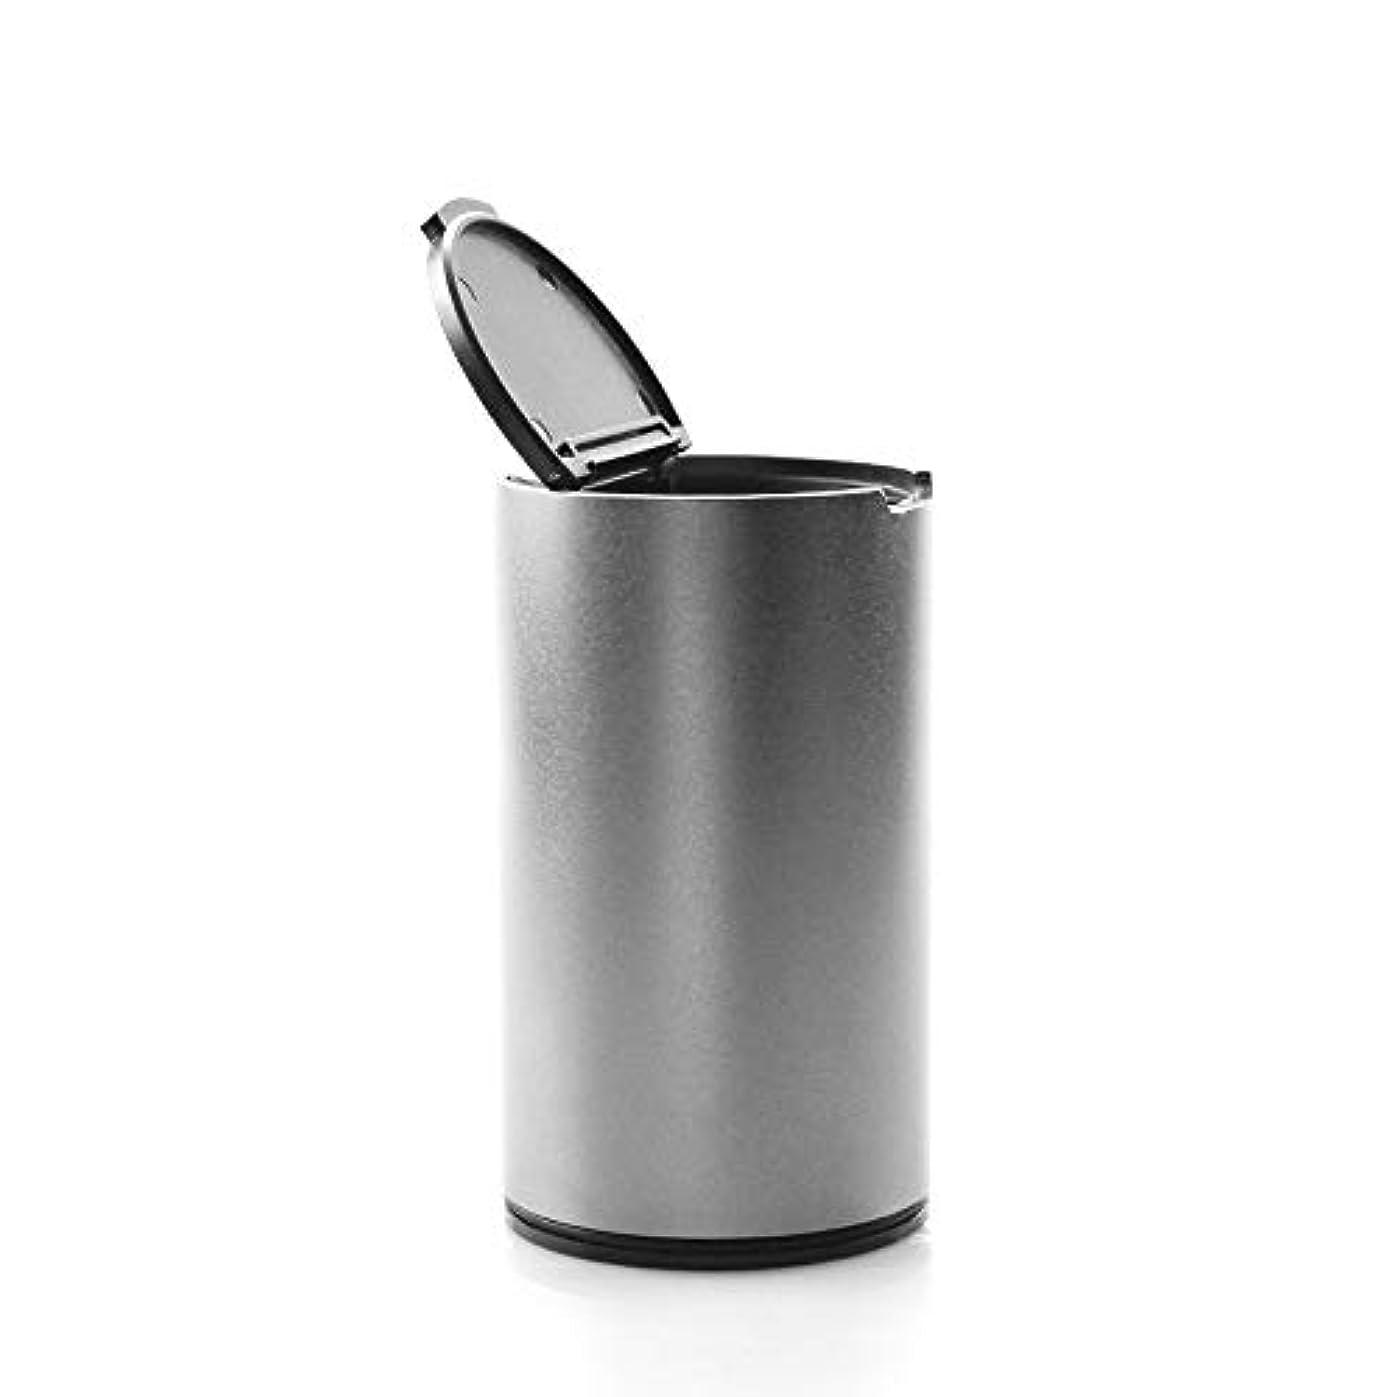 主要な宣言レベル車の喫煙灰皿の裏表紙の中にある蓋が密閉された車の灰皿付きのミニ車の灰皿 (色 : 銀)